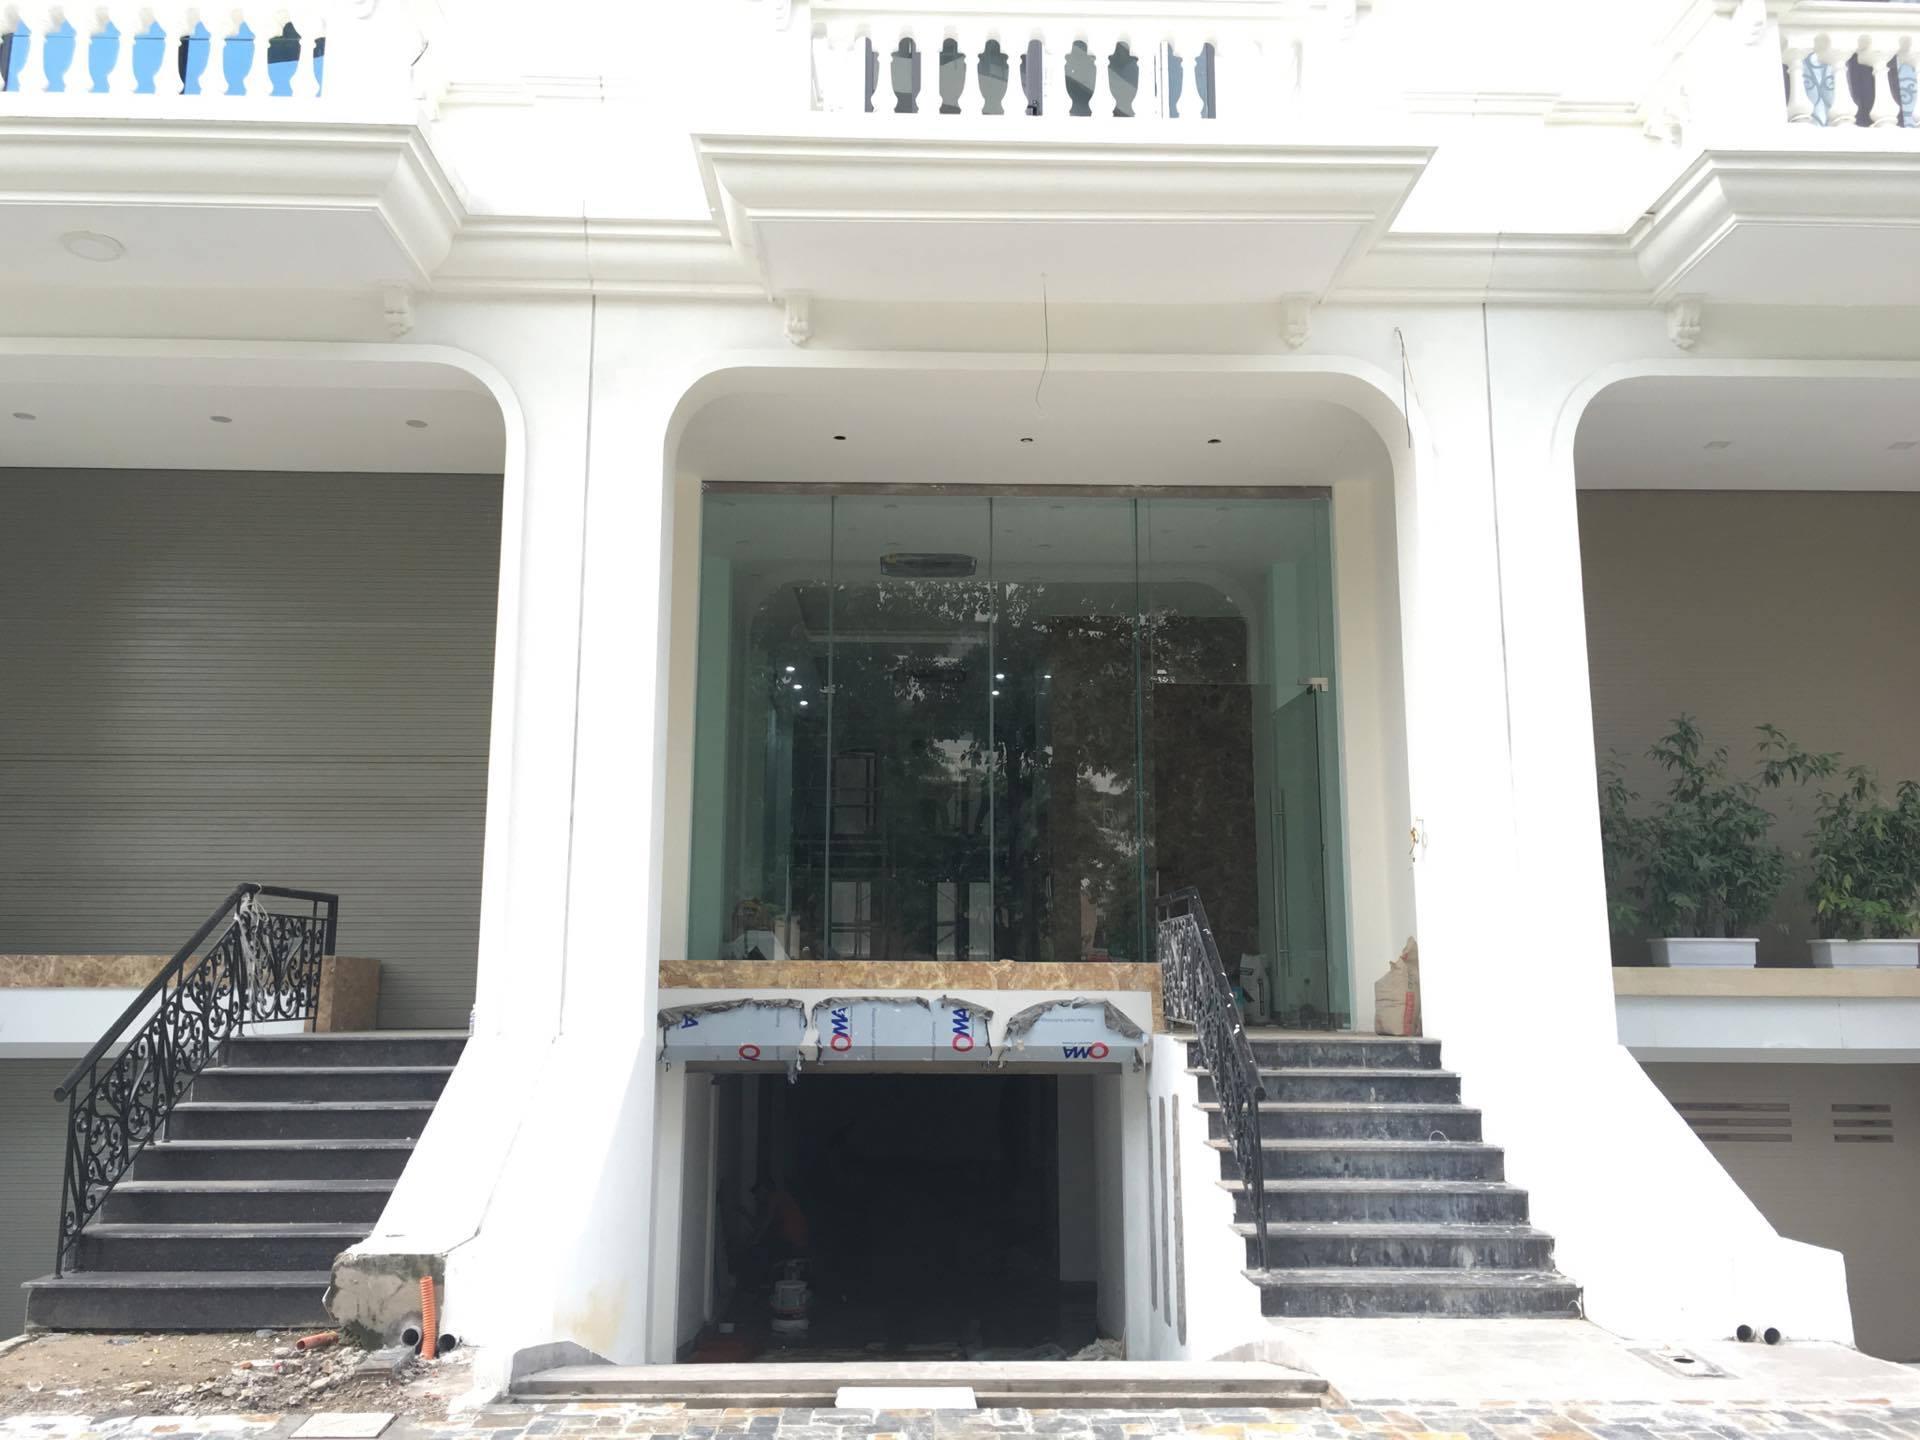 https://cdn.realtorvietnam.com/uploads/real_estate/2096106919193479649991792097051725o_1503150918.jpg